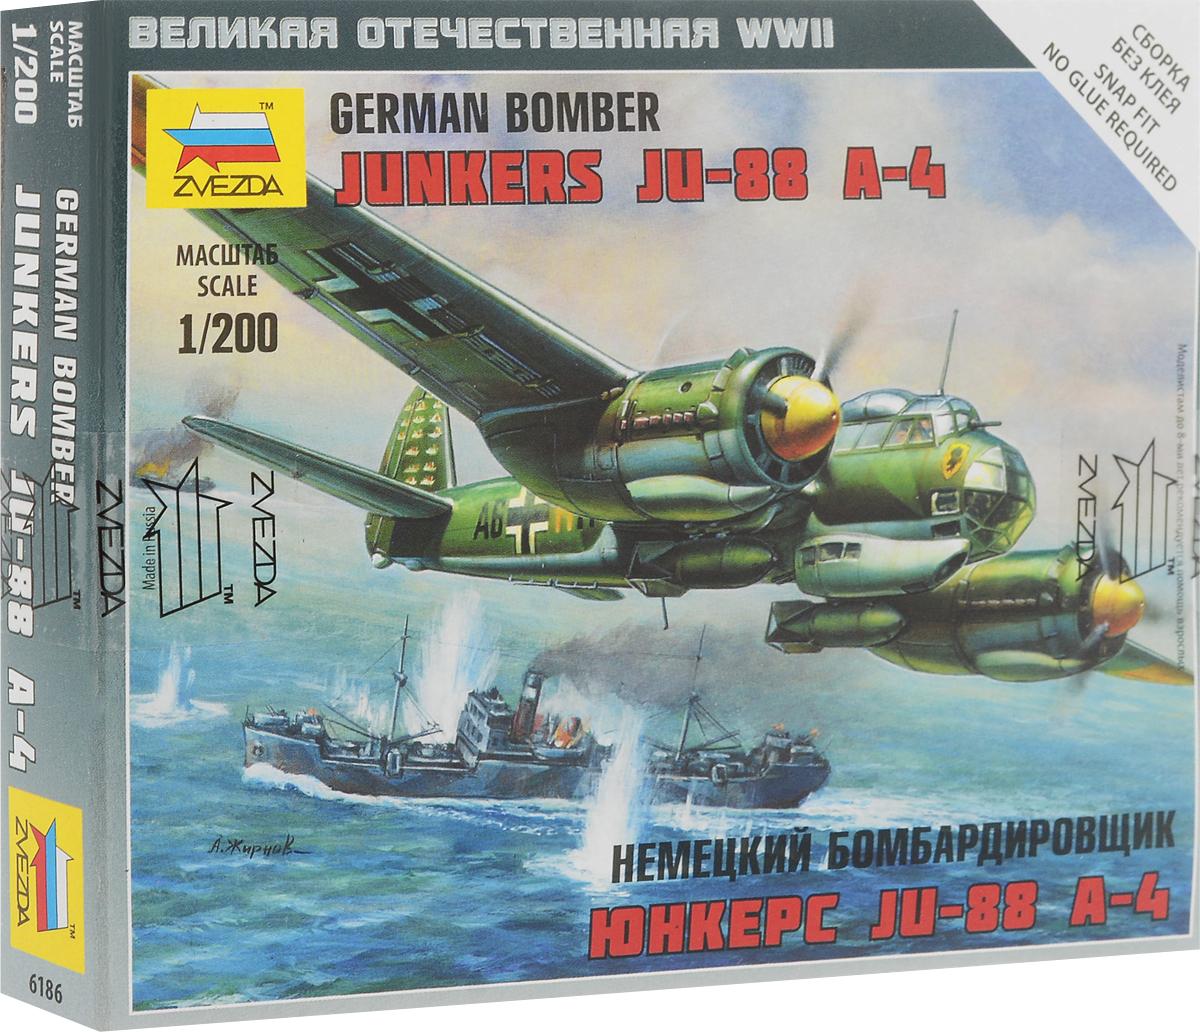 Звезда Сборная модель Немецкий бомбардировщик Юнкерс Ju-88 A-46186С помощью сборной модели Звезда Немецкий бомбардировщик Юнкерс Ju-88 вы и ваш ребенок сможете собрать уменьшенную копию немецкого бомбардировщика времен Второй мировой войны. Набор включает в себя 20 пластиковых элементов для сборки самолета, а также подставку, декаль и инструкцию на русском языке. Сборка без клея! Ju-88 совершил свой первый полёт в конце 1936 года. На вооружение Вермахта самолёт встал лишь в августе 1939 года. Машина была сложной в производстве, но очень перспективной. Самолёт развивал скорость до 450 км/ч, был способен проводить бомбежку с пикирования, а также вести воздушную разведку, оставаясь недосягаемым для истребителей противника. Скоростной высотный бомбардировщик нового поколения стал неприятным сюрпризом для Британских ВВС, однако, в битве за Британию множество этих машин было уничтожено британскими истребителями и частями ПВО. К концу войны в Люфтваффе на базе этой машины были истребители-бомбардировщики, торпедоносцы, пикировщики и даже часть летающих бомб. Процесс сборки развивает интеллектуальные и инструментальные способности, воображение и конструктивное мышление, а также прививает практические навыки работы со схемами и чертежами. Модель не раскрашена. Краски продаются отдельно. Уважаемые клиенты! Обращаем ваше внимание на возможные изменения в дизайне упаковки. Качественные характеристики товара остаются неизменными. Поставка осуществляется в зависимости от наличия на складе. Рекомендуем!